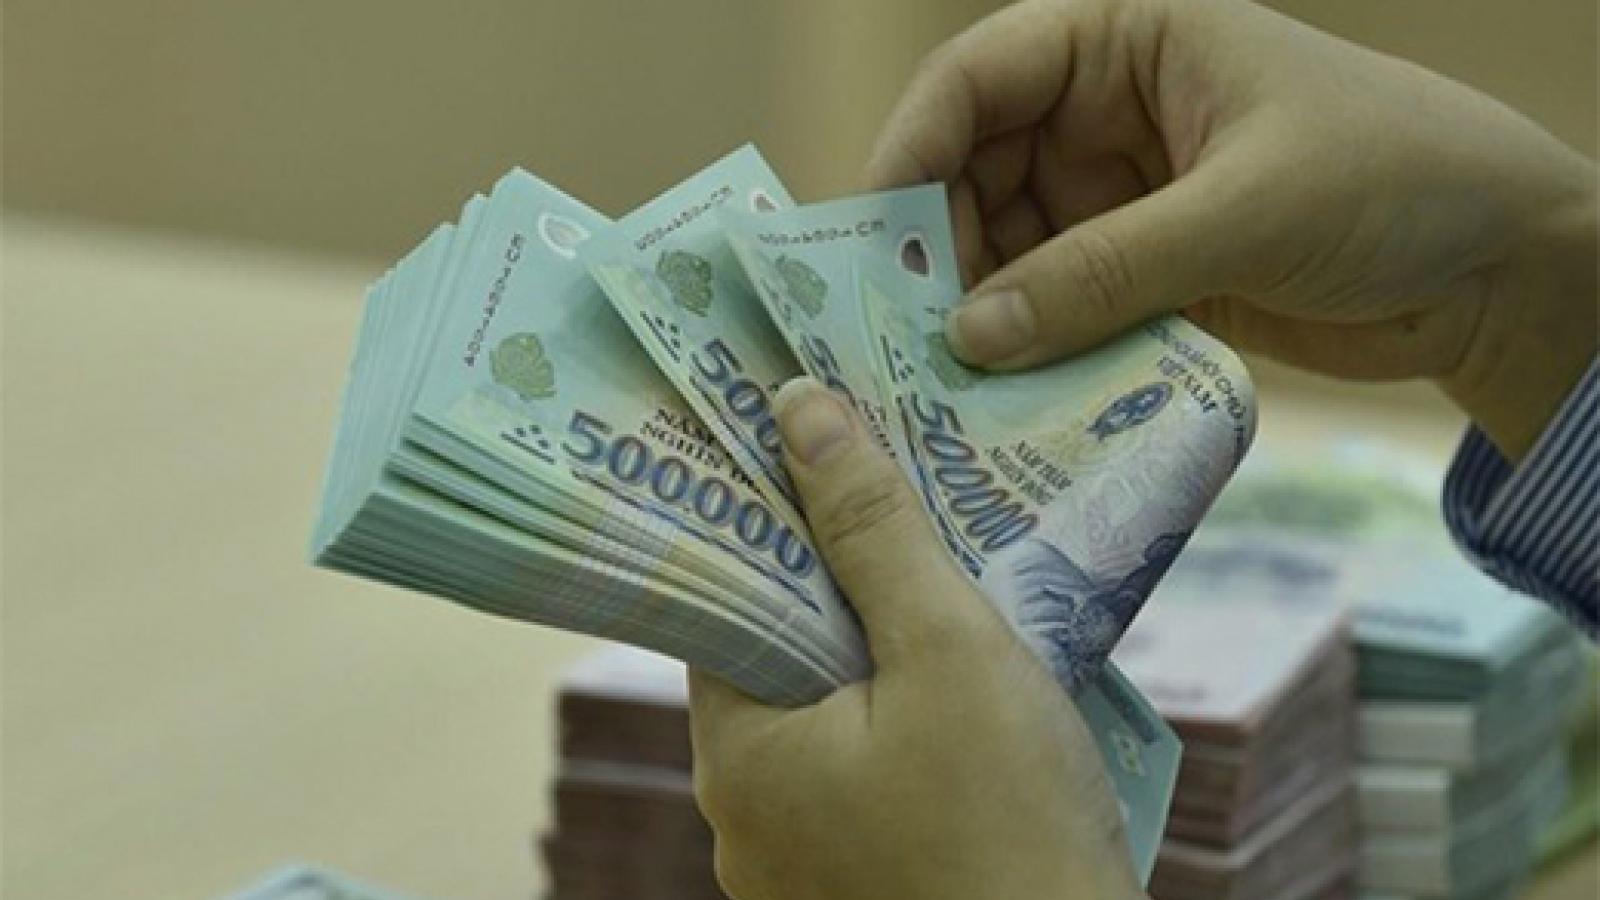 Truy tố Phó Giám đốc Công ty Trường Xuân lừa đảo chiếm đoạt tiềncủa ngân hàng